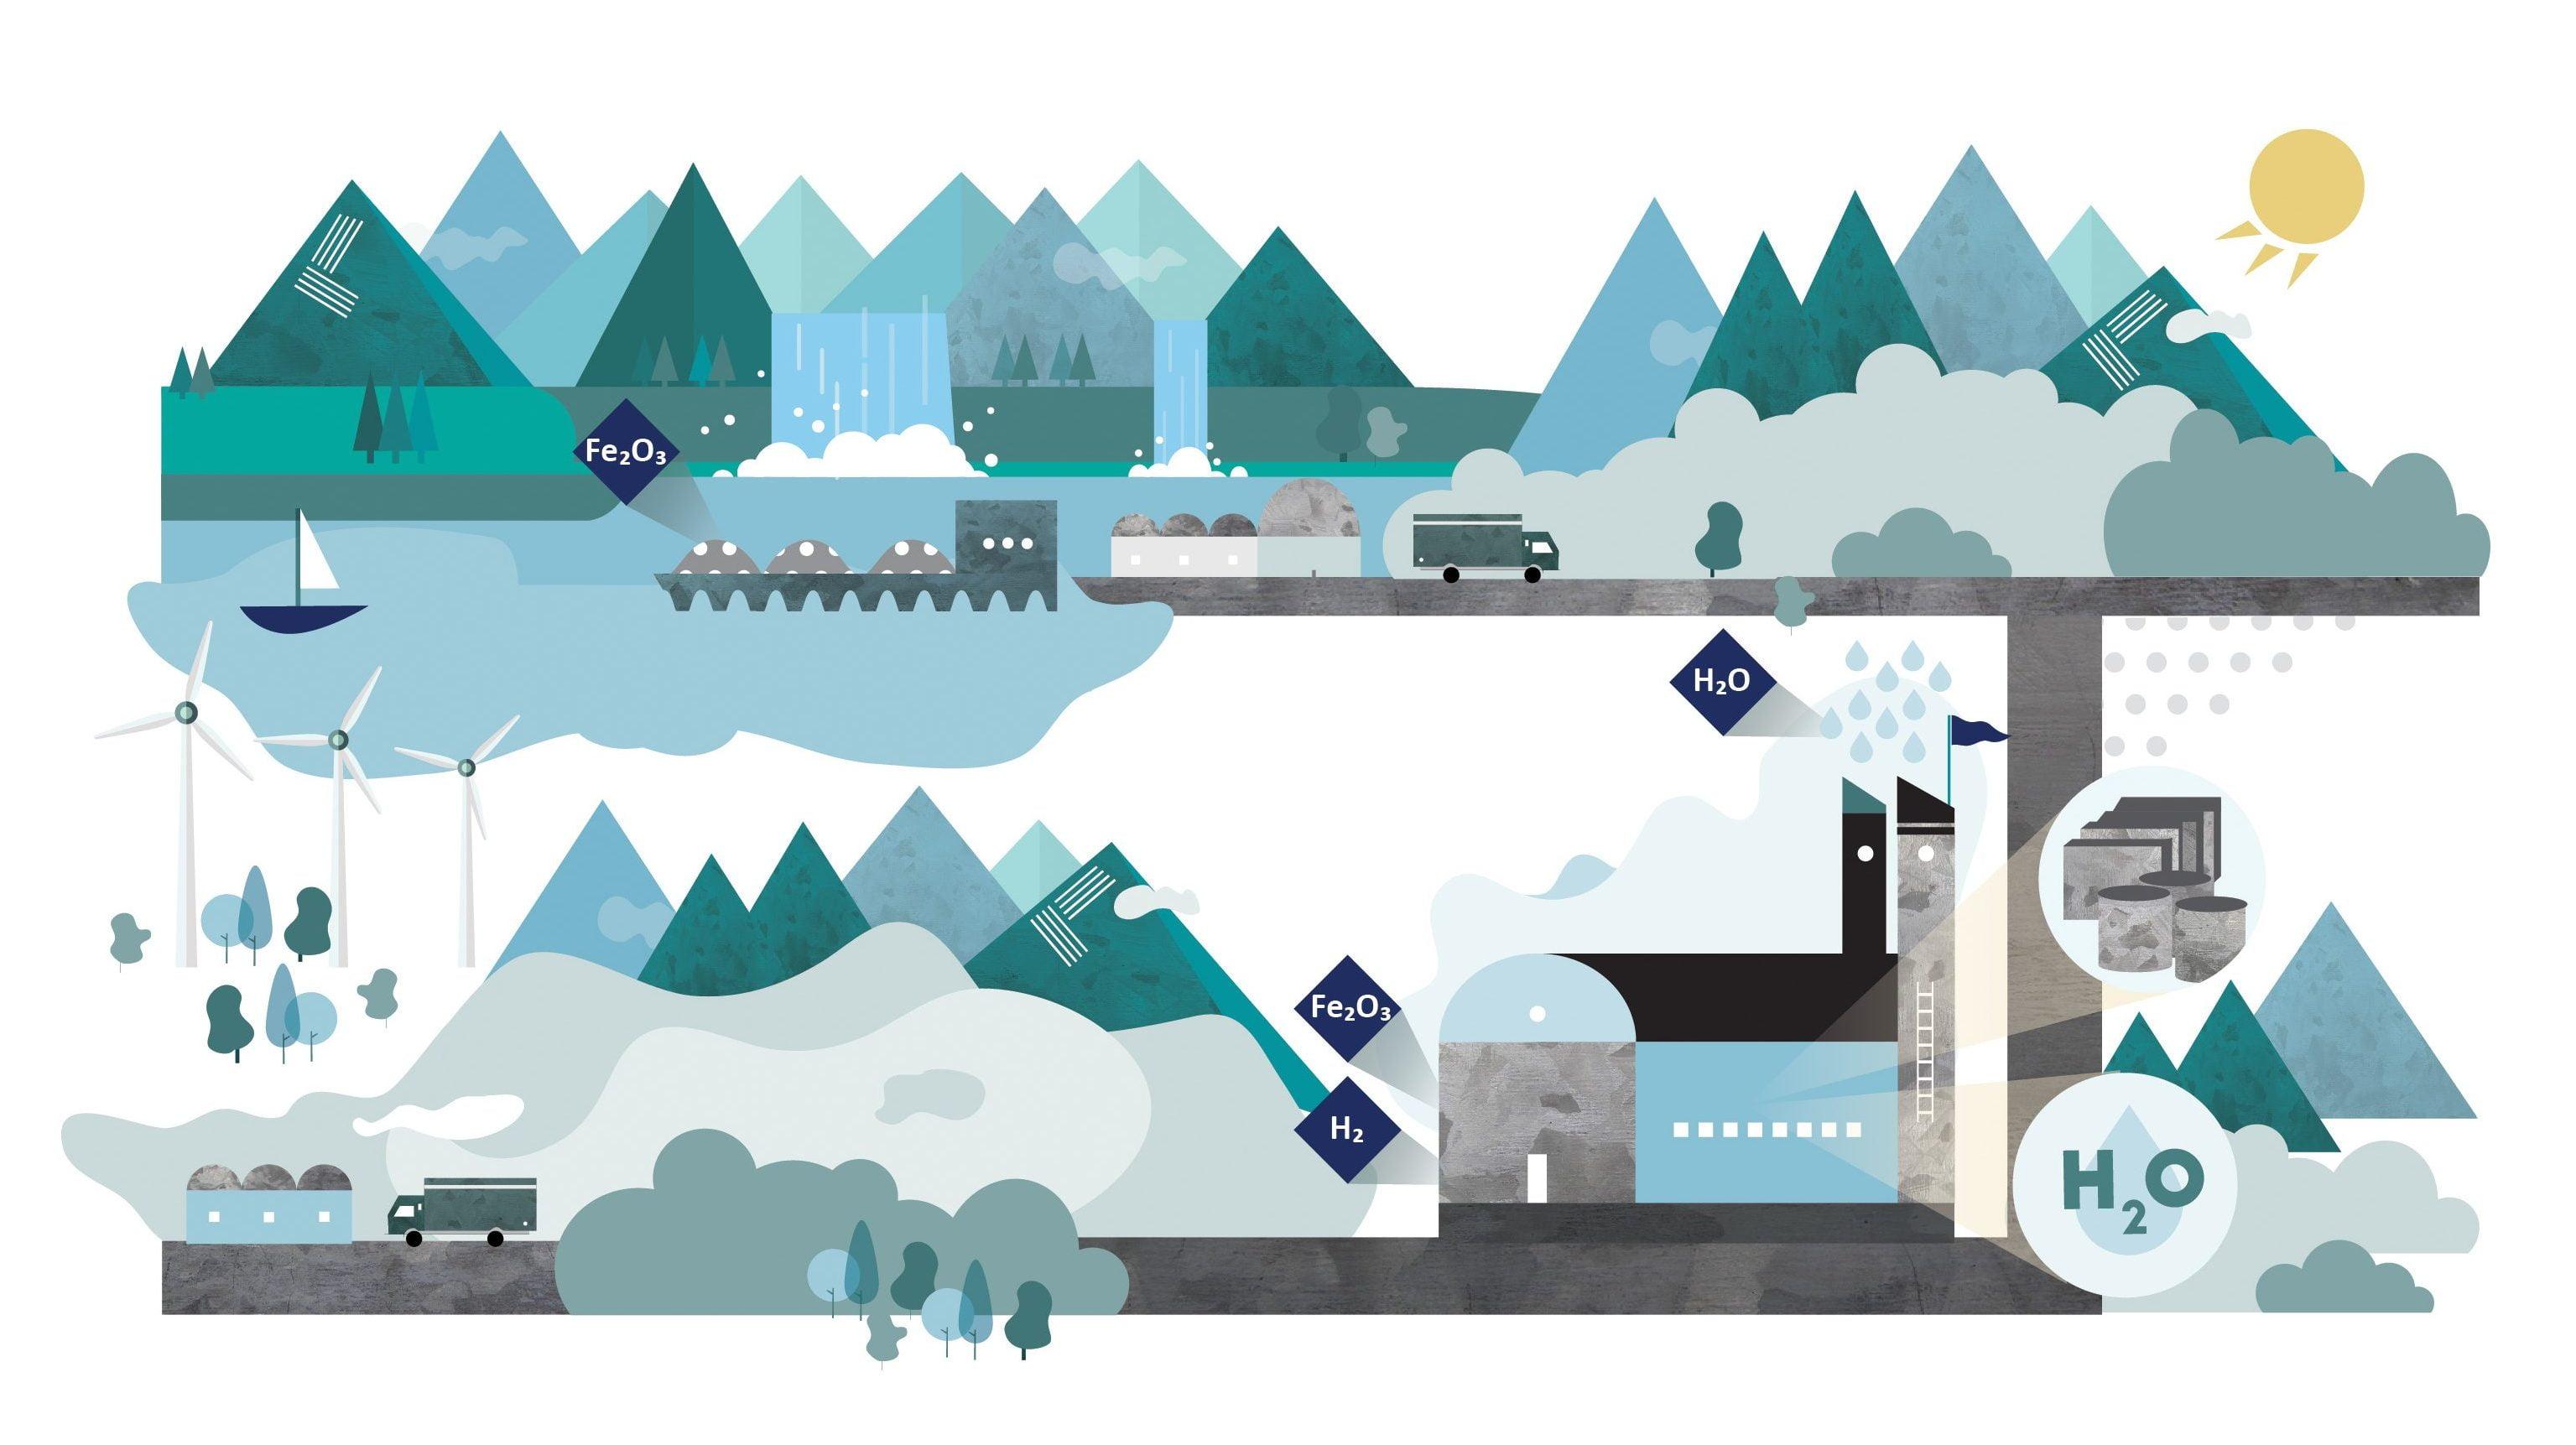 هایبریت، تولید فولاد بدون سوخت فسیلی